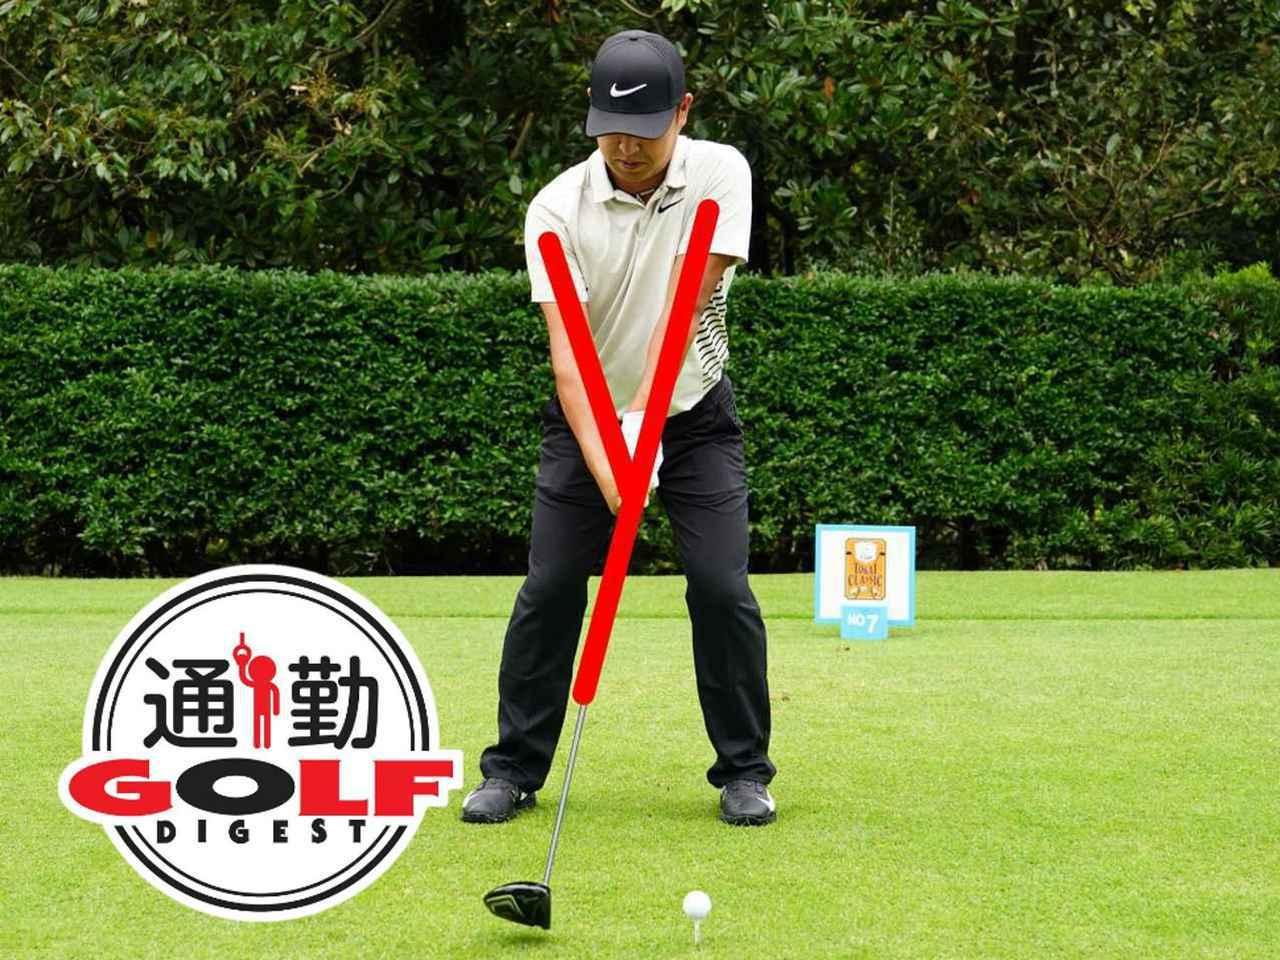 画像: 【通勤GD】時松隆光プロを育てた異次元打法「みんなの桜美式」Vol.13 「Y」から「y」でアークが大きくなる  ゴルフダイジェストWEB - ゴルフへ行こうWEB by ゴルフダイジェスト